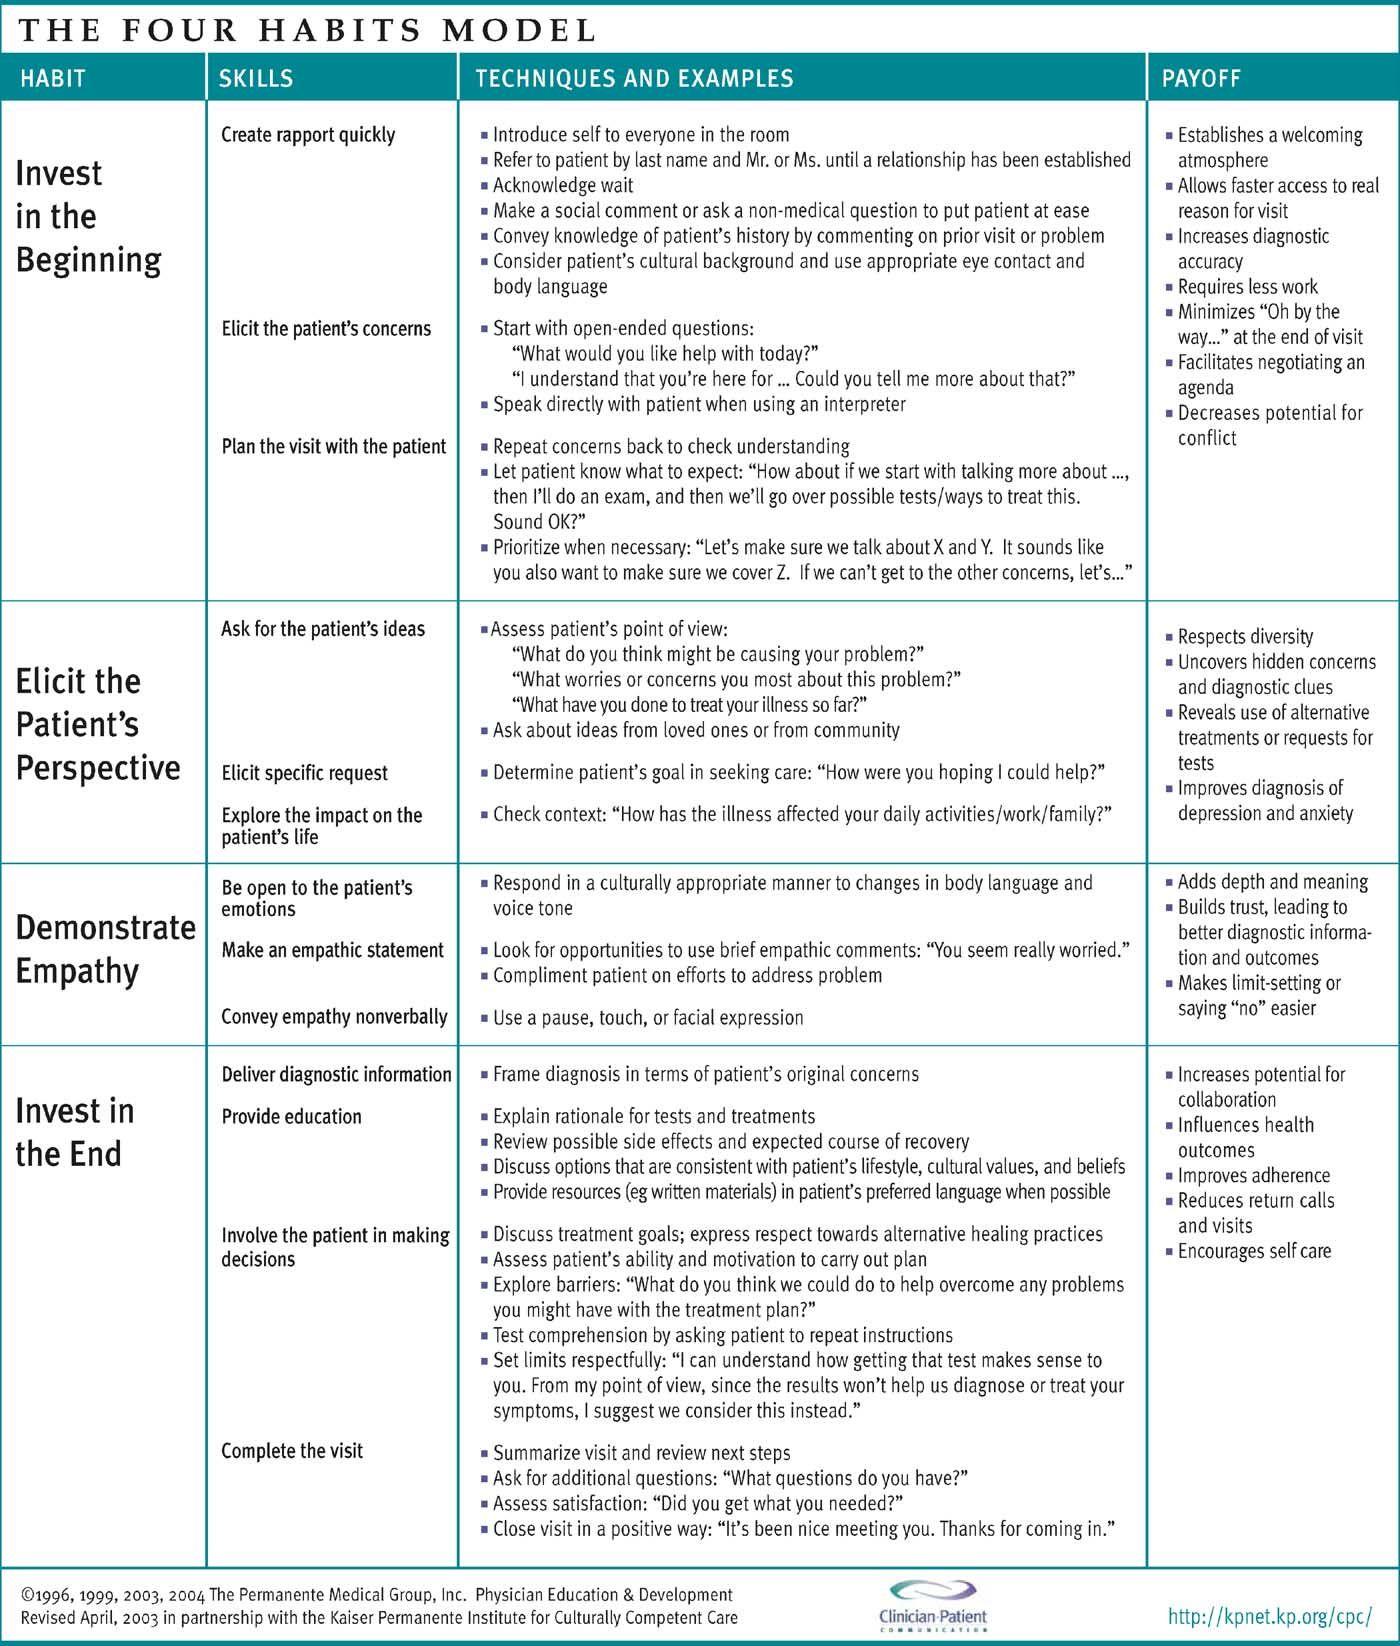 Patientgerichte Communicatie Volgens Het Four Habits Model